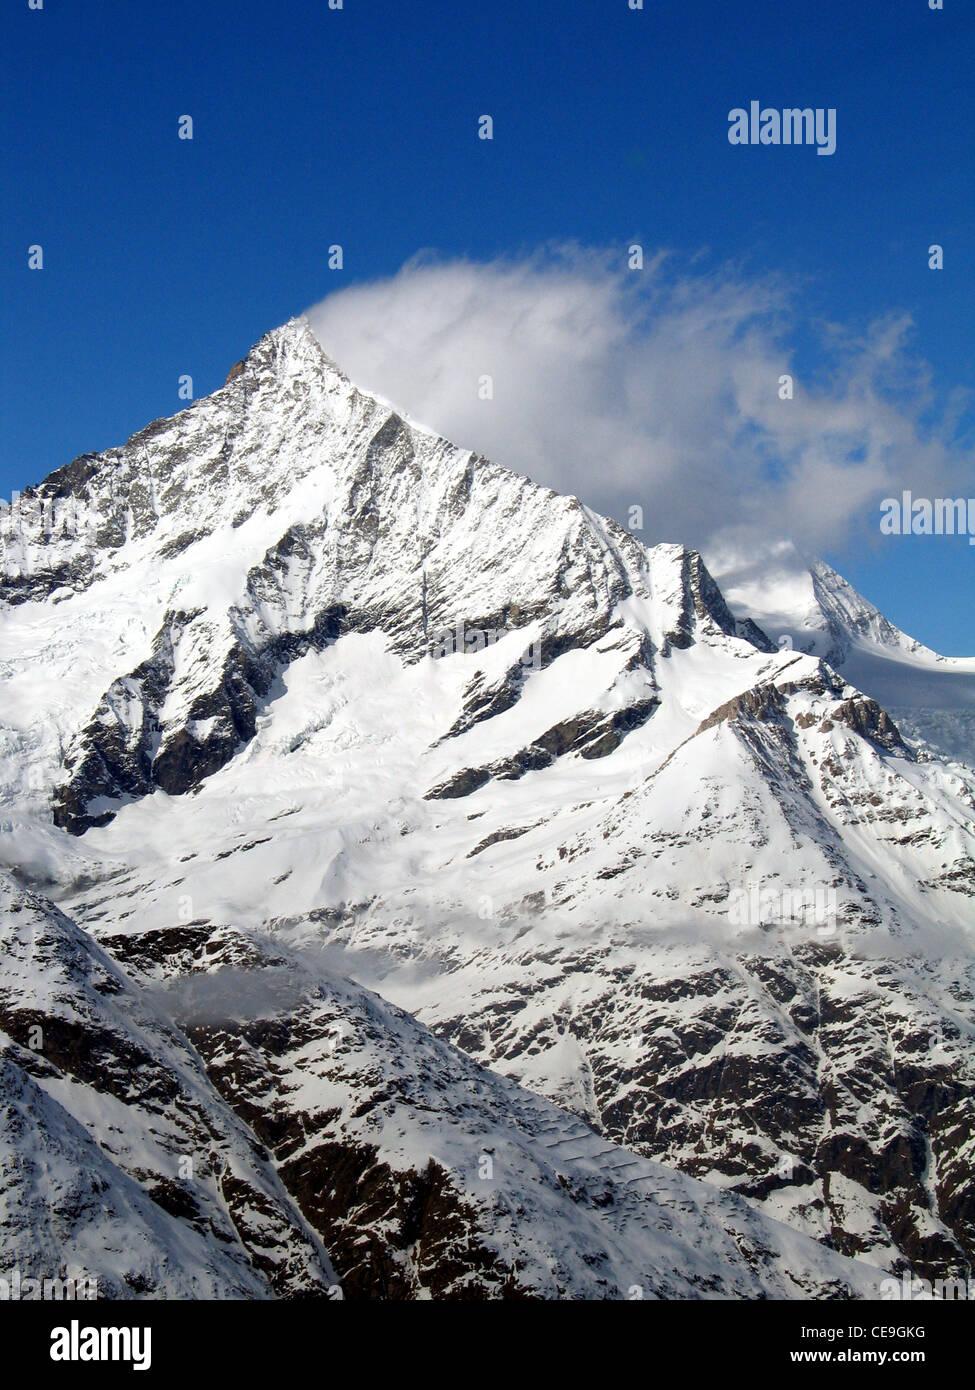 Blick auf das Matterhorn, Monte Cervino oder Mont Cervin Berg in den Walliser Alpen an der Grenze zwischen der Schweiz und Italien. Stockfoto